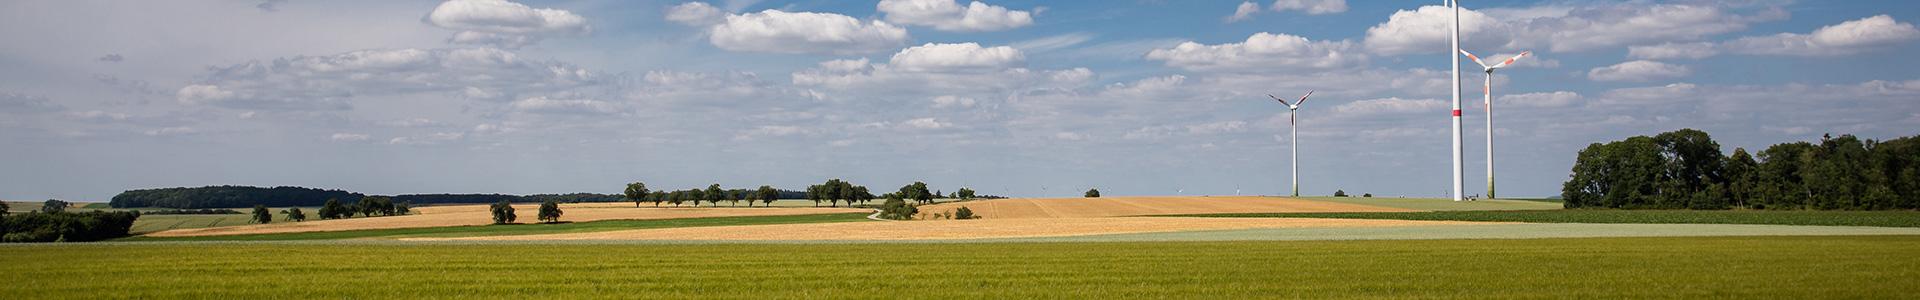 Panoramaaufnahme eines unbebauten Feldes im Landkreis Ansbach